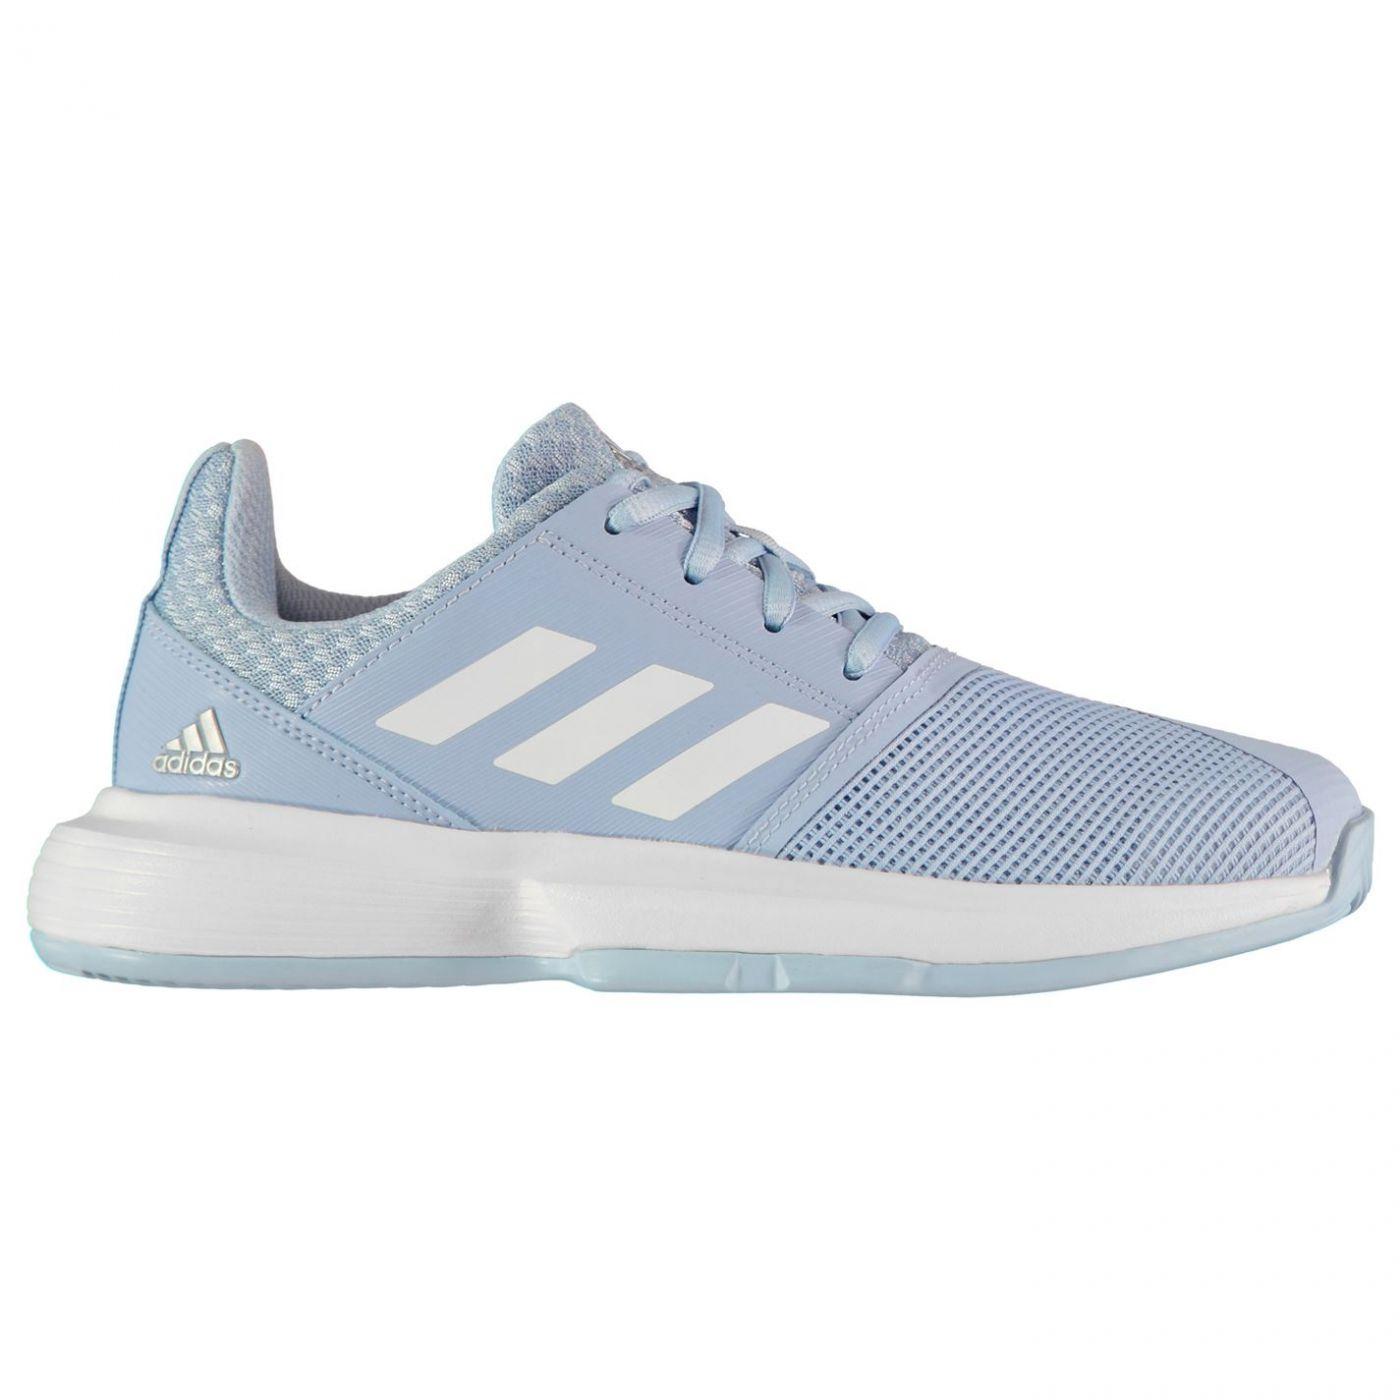 Adidas Court Jam Jn94